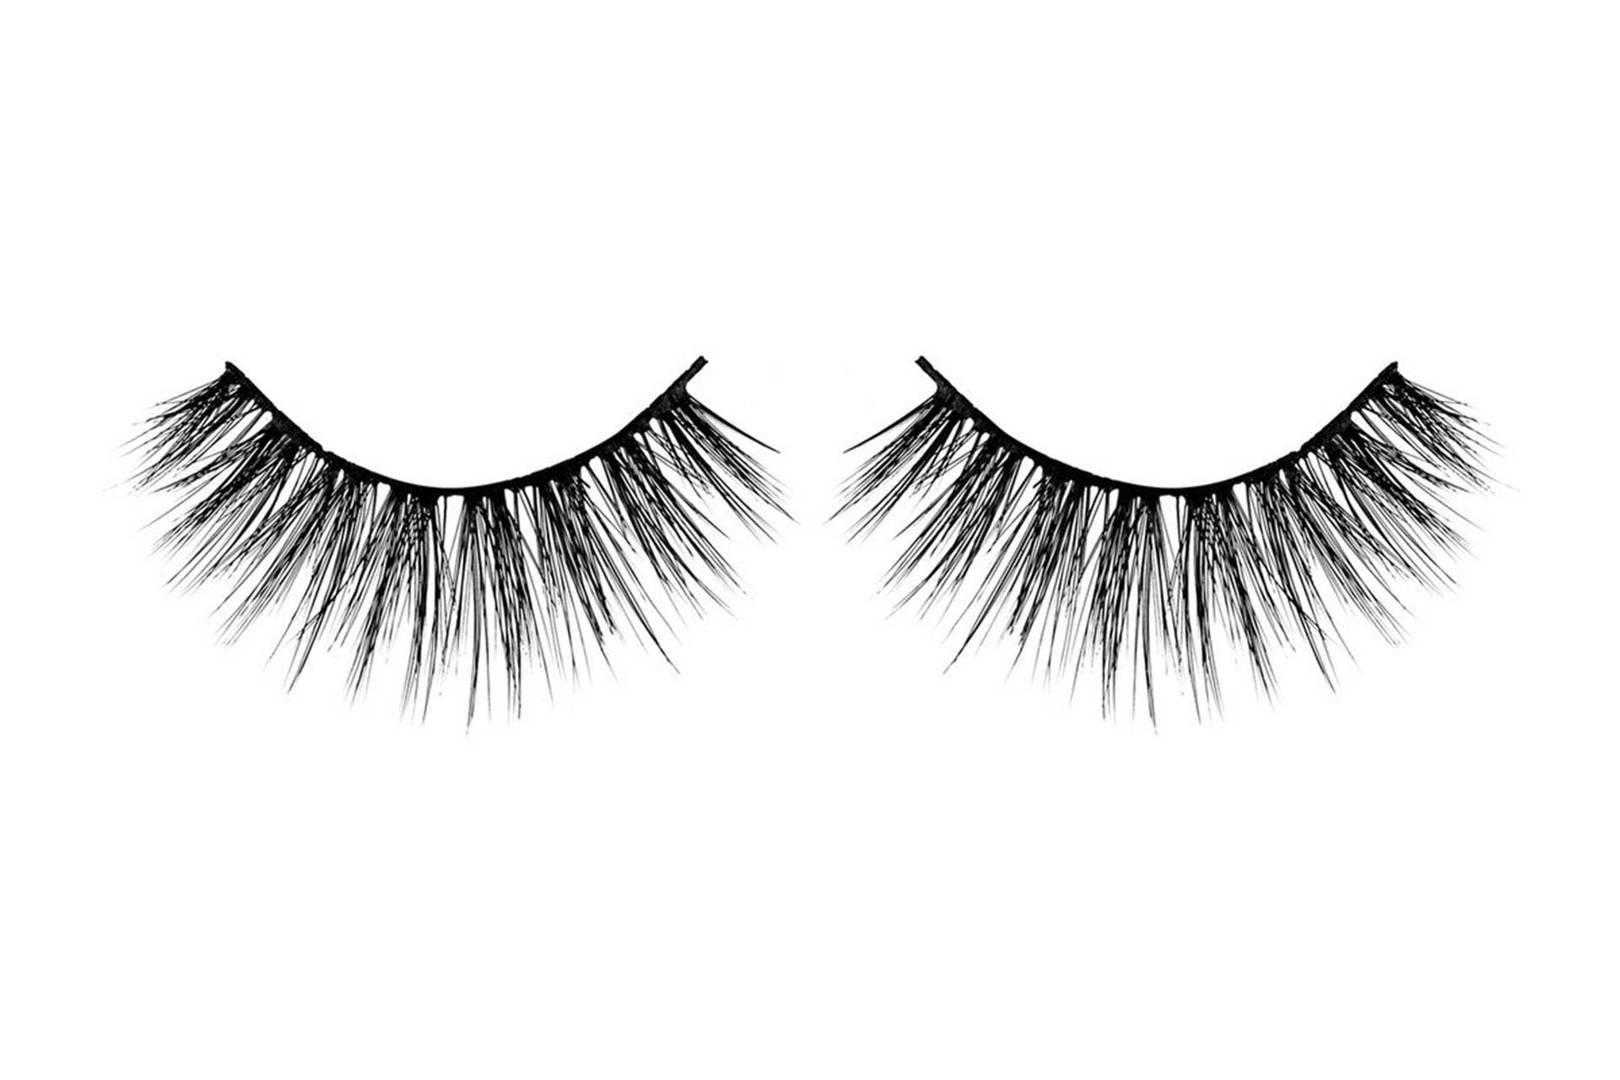 bb4943b273c Best False Eyelashes: Where To Buy Subtle & Dramatic Fake Lashes | Glamour  UK